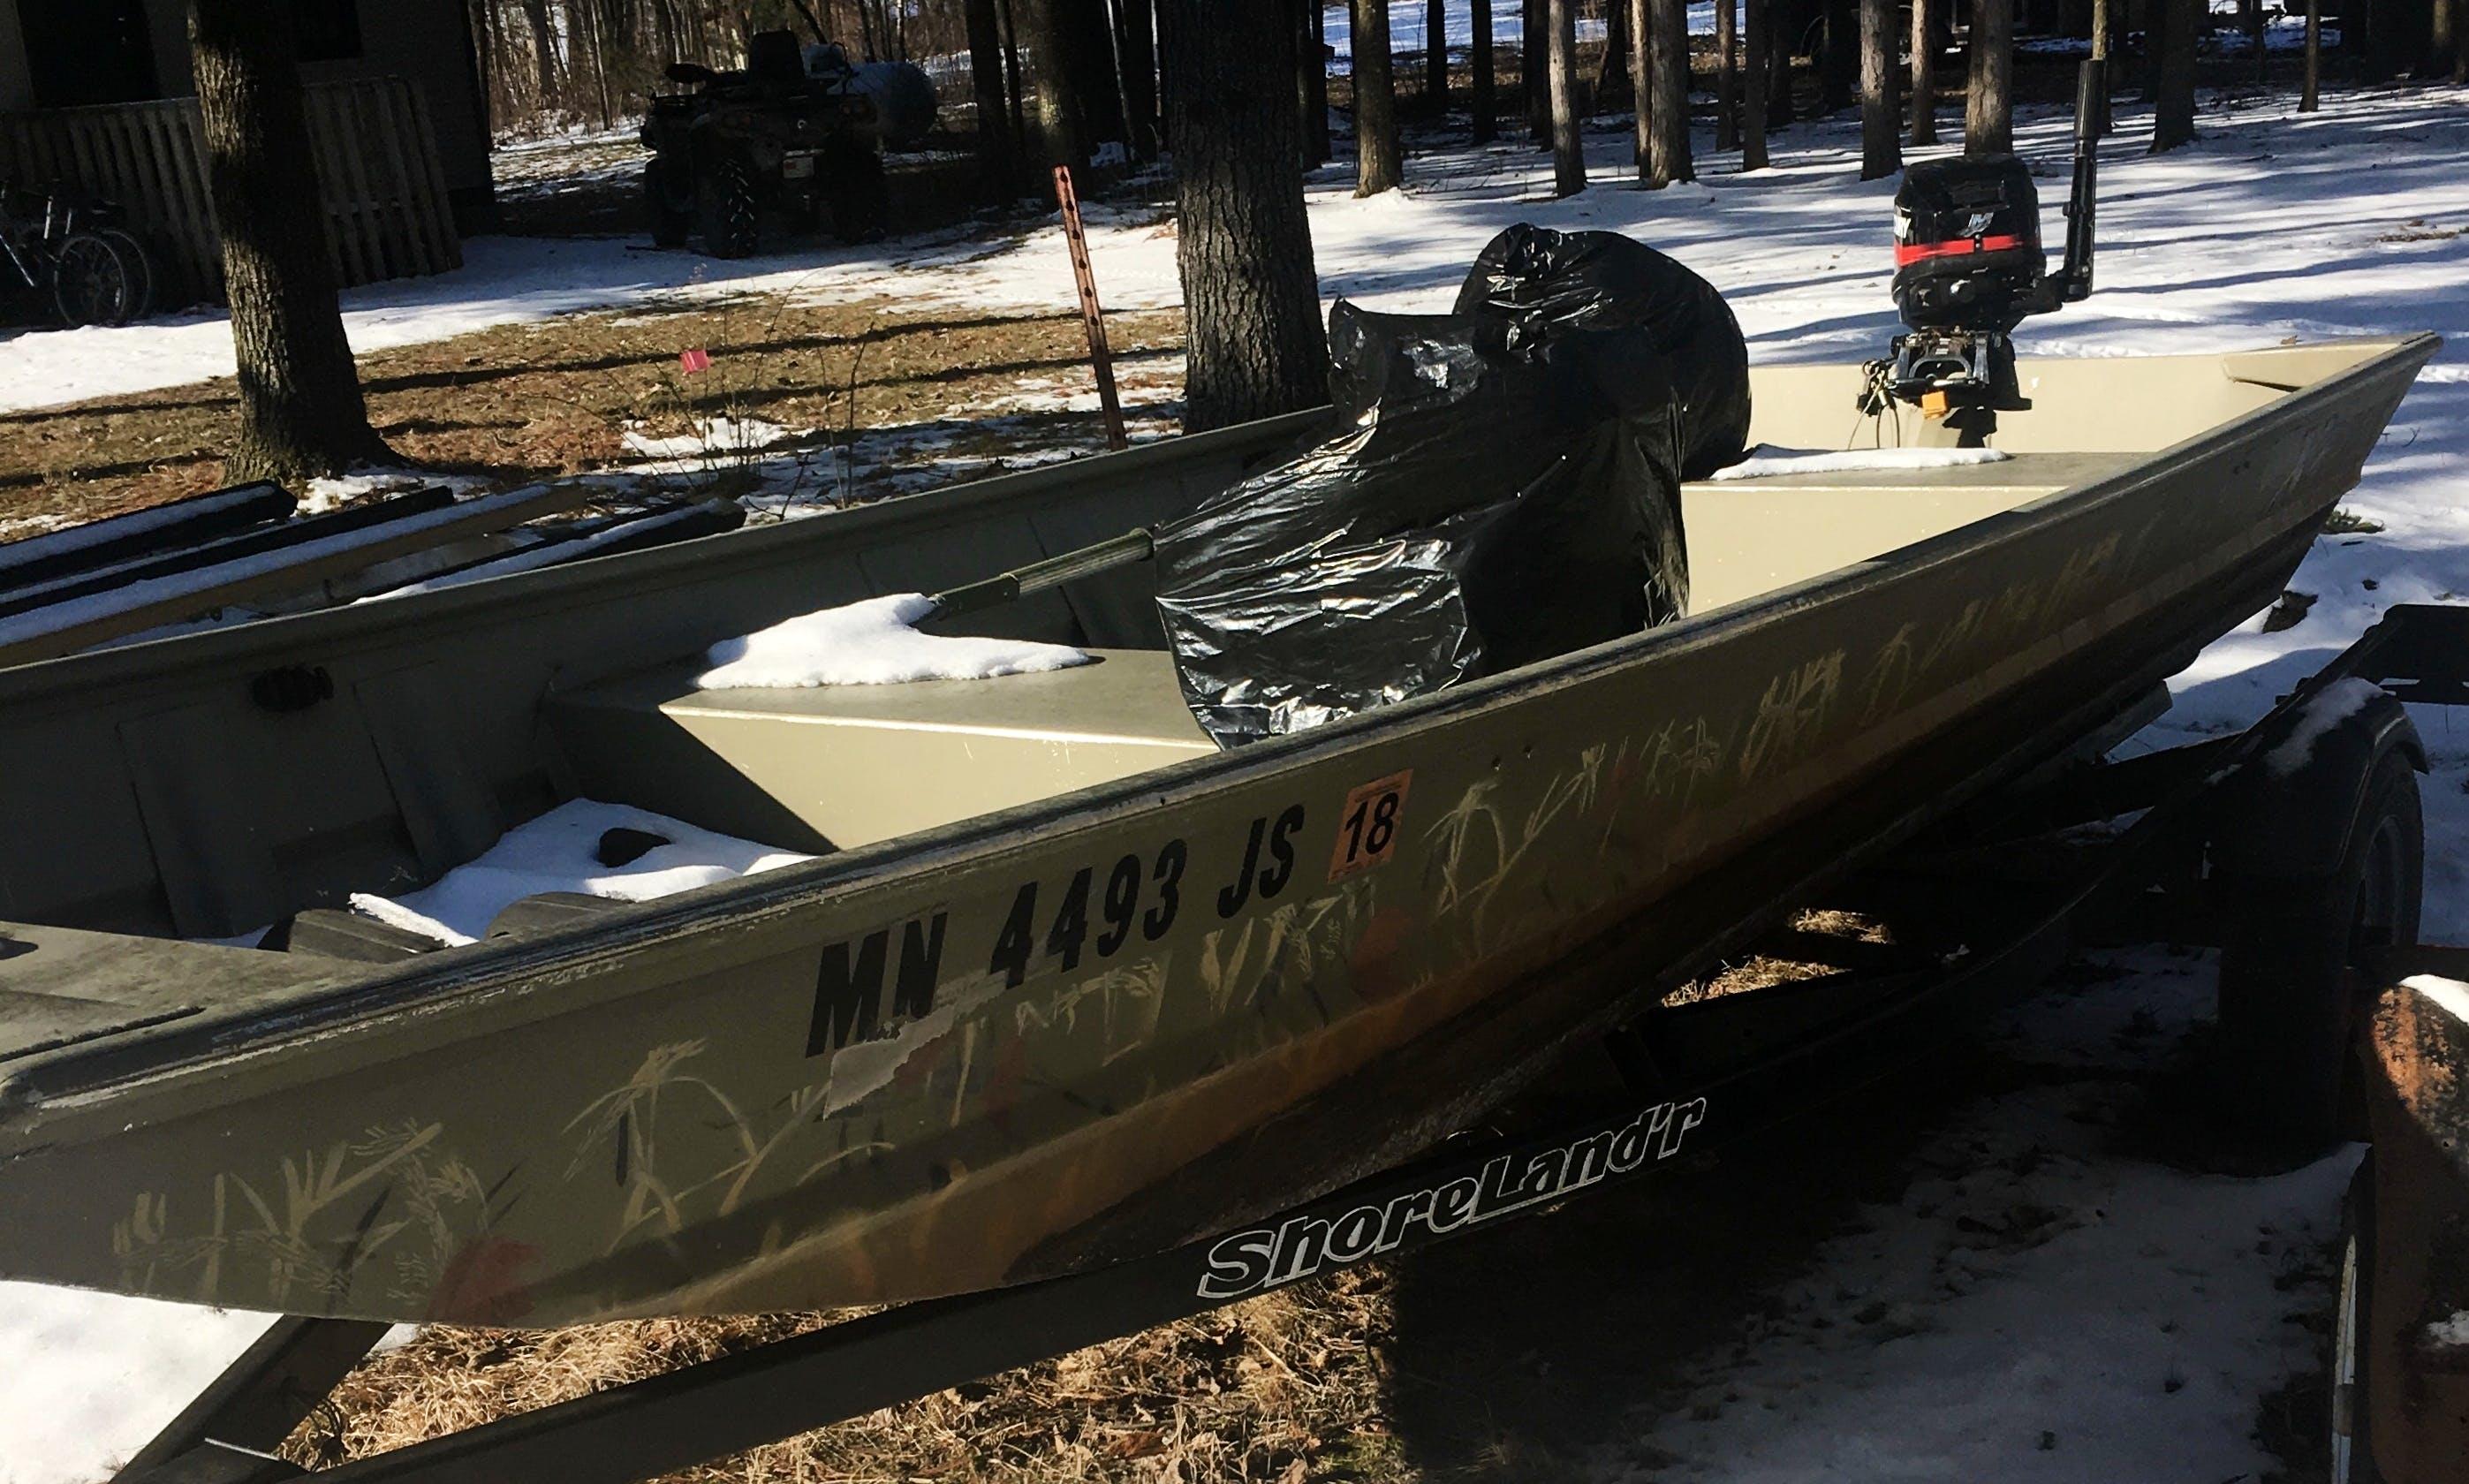 Jon Boat Rental in Pine City